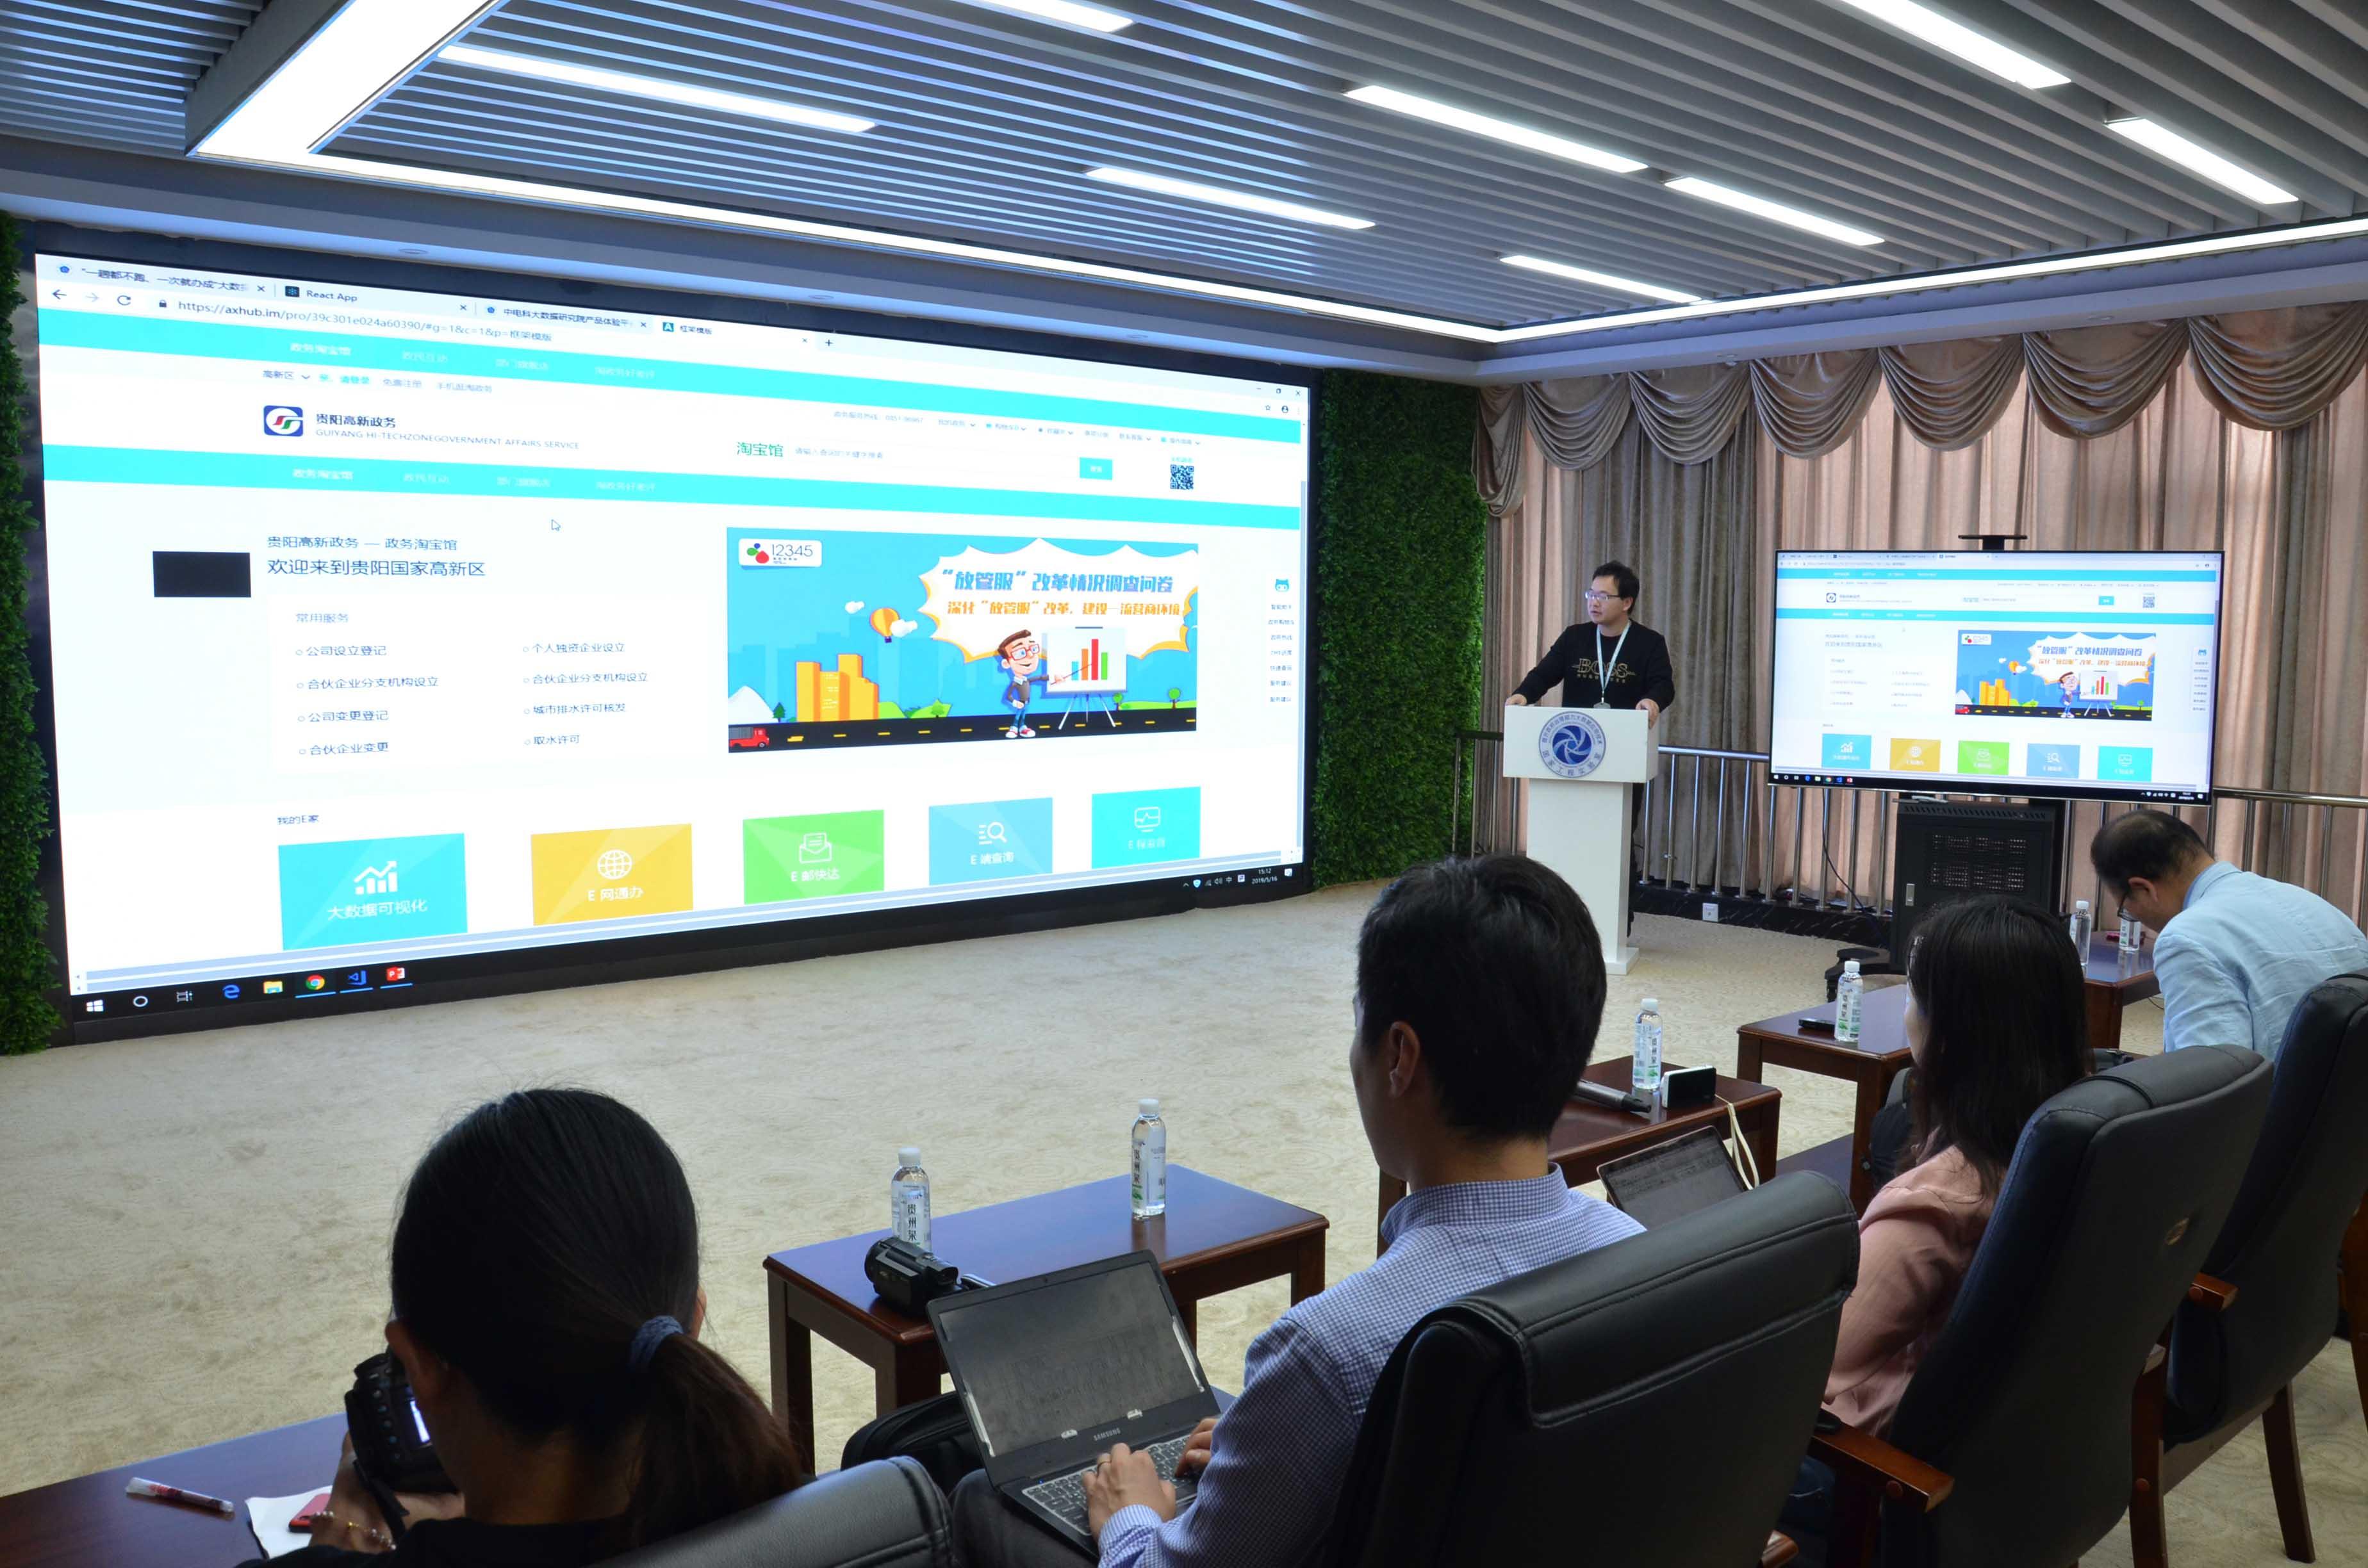 提升政府治理能力大数据应用技术国家工程实验室 数据支撑政务改革